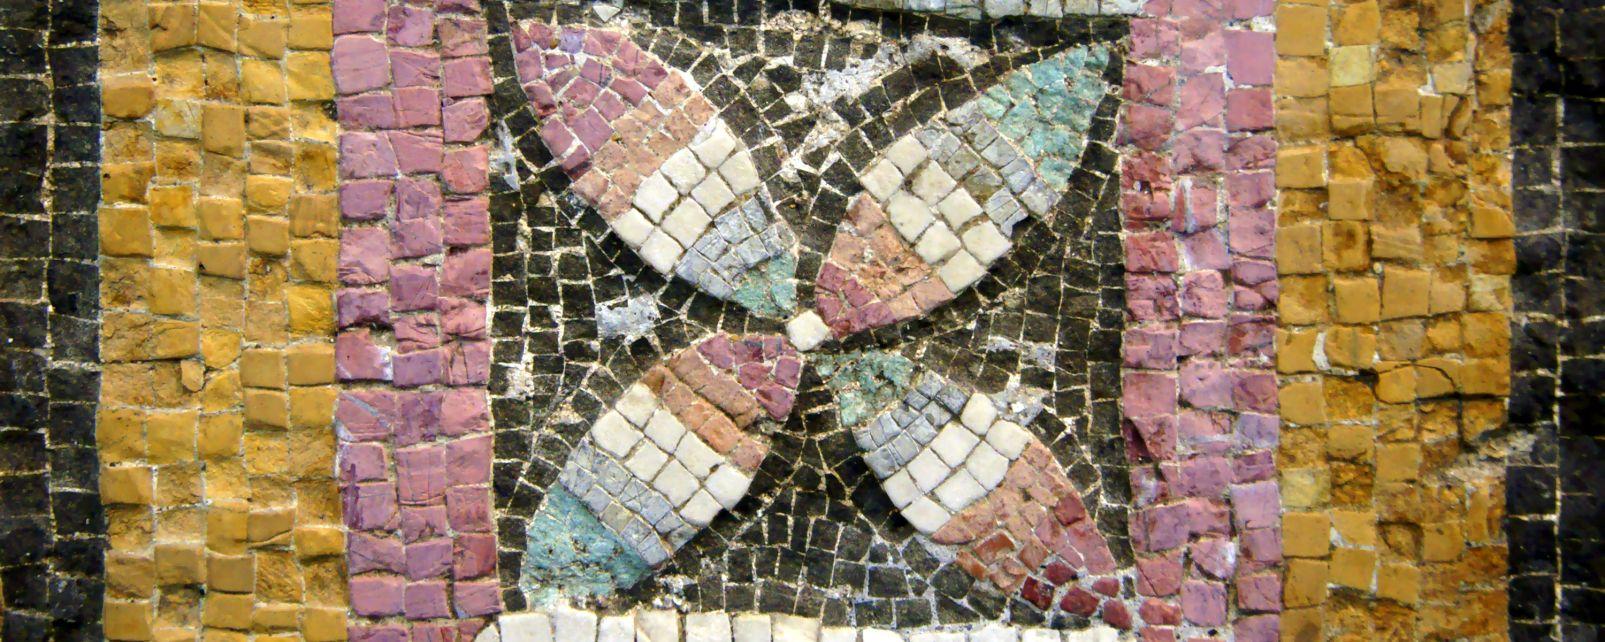 Il museo del Palazzo romano di Chichester, Le arti e la cultura, Inghilterra